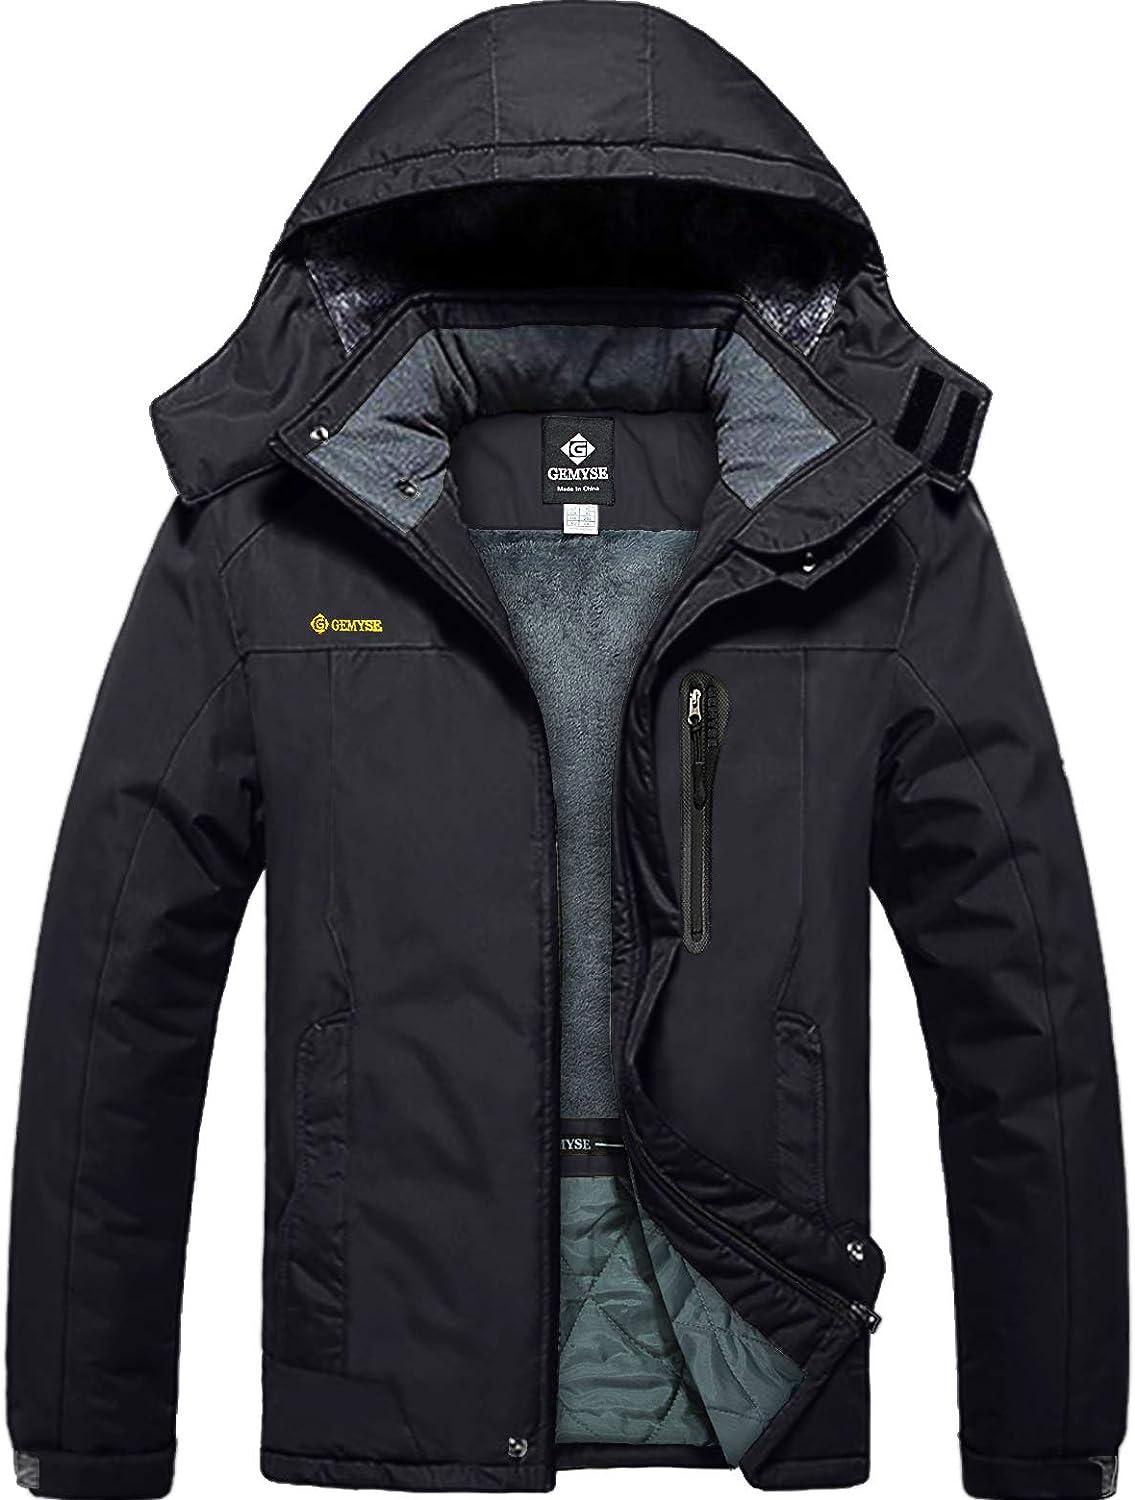 GEMYSE Homme Veste de Ski Imperm/éable de Montagne Manteau dhiver Ext/érieur en Polaire Coupe-Vent avec Capuche